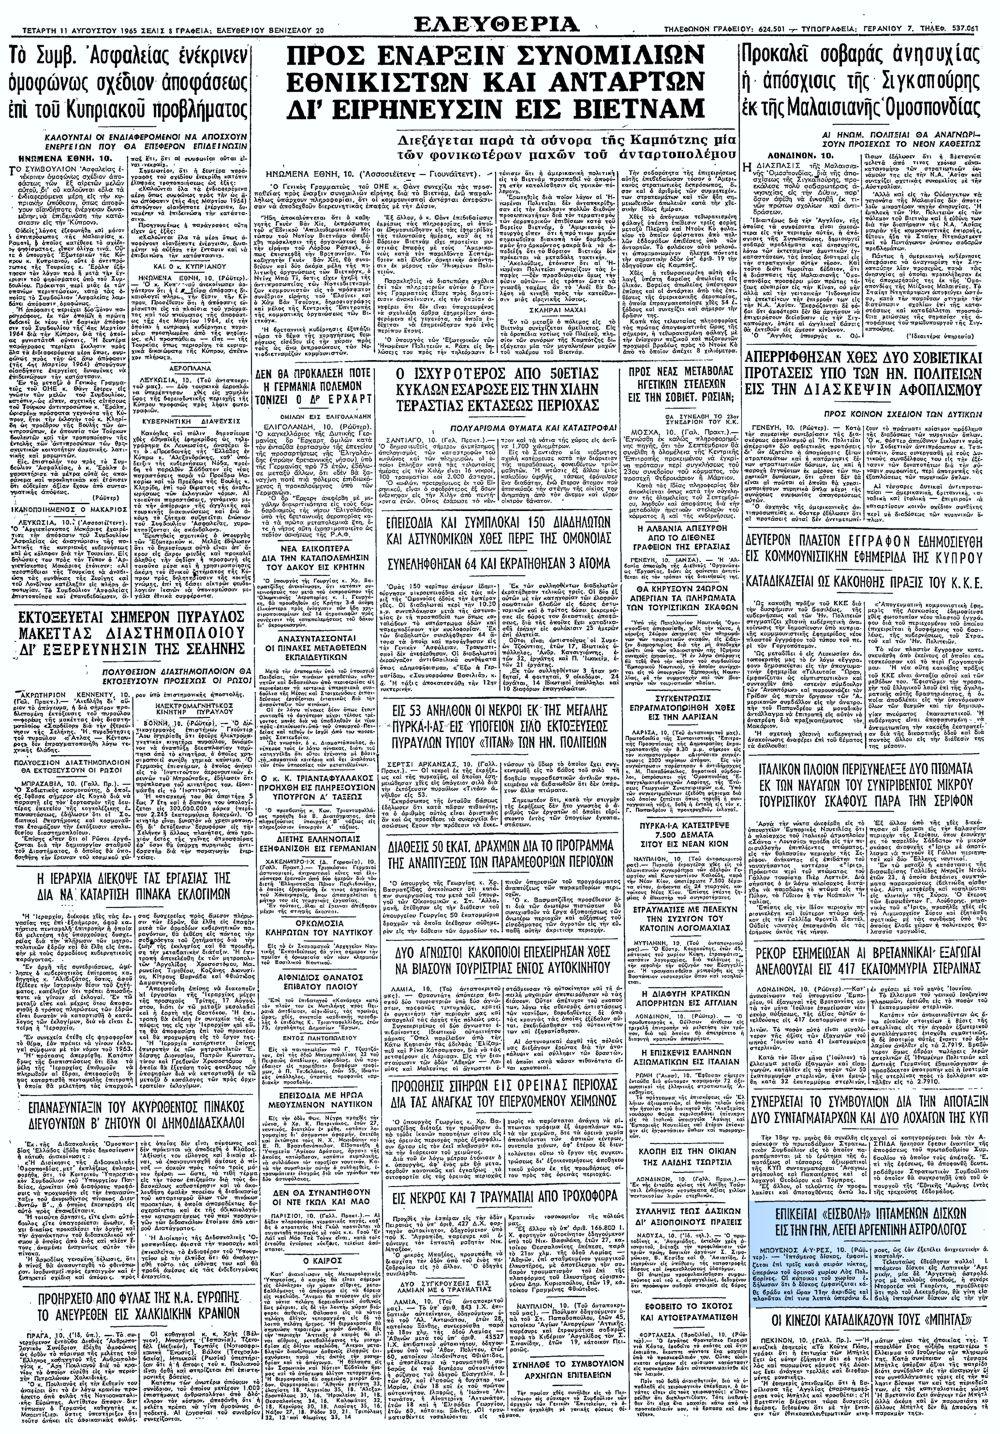 """Το άρθρο, όπως δημοσιεύθηκε στην εφημερίδα """"ΕΛΕΥΘΕΡΙΑ"""", στις 11/08/1965"""